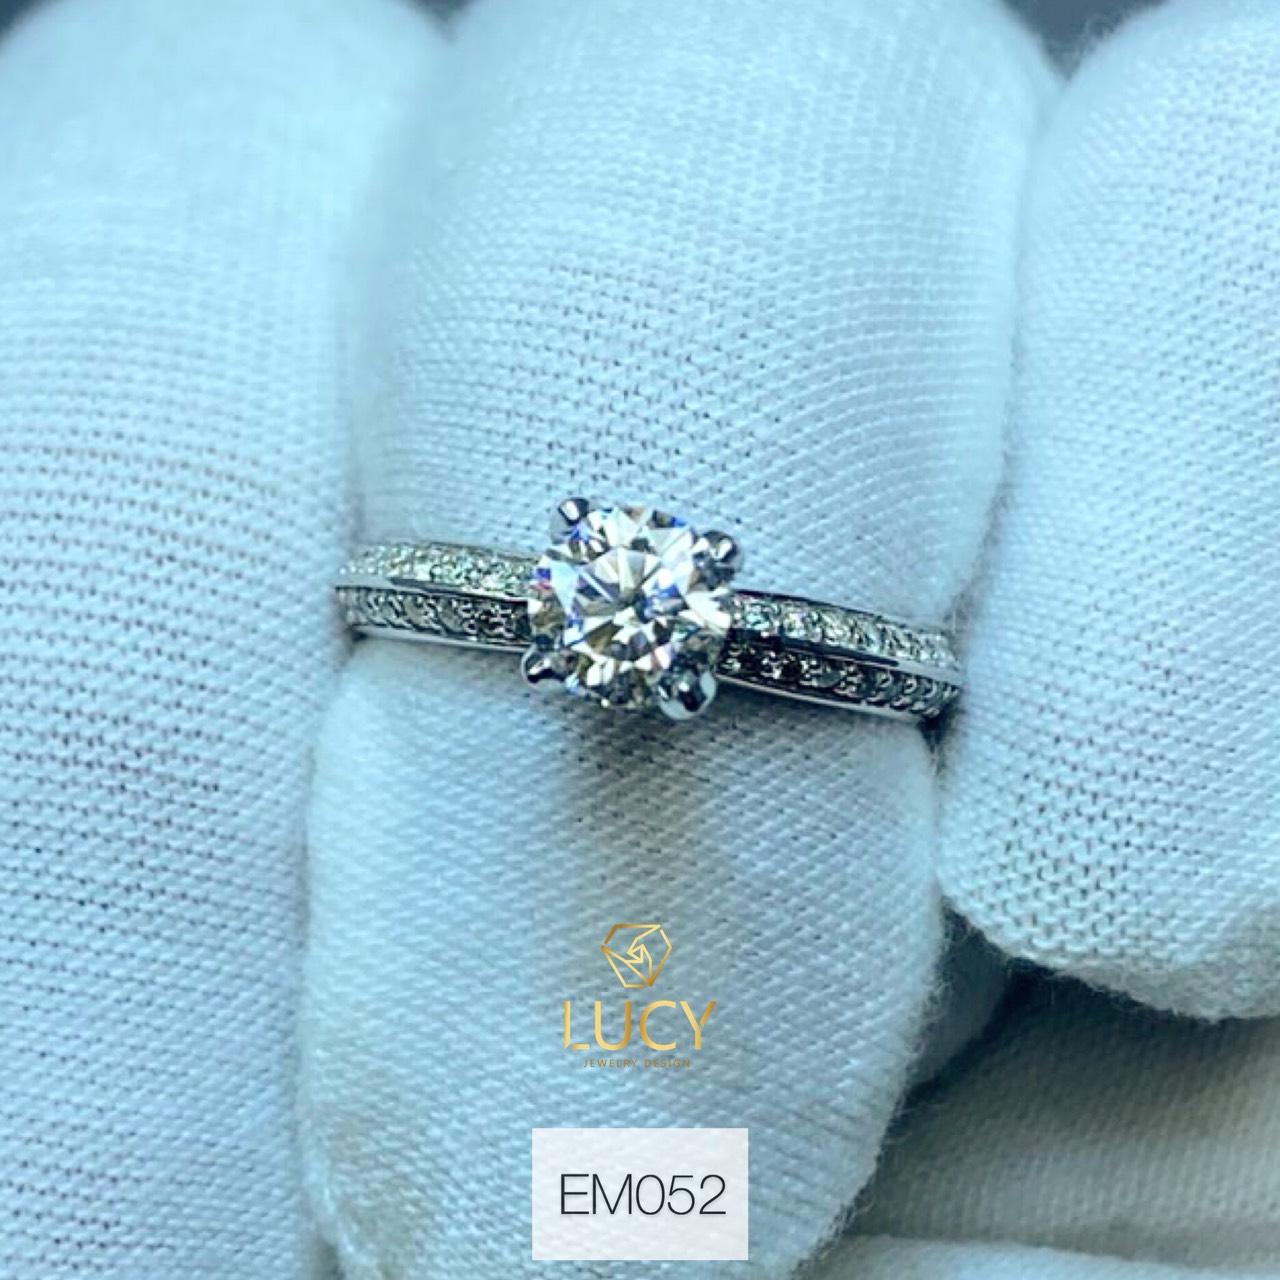 EM052 Nhẫn nữ vàng, nhẫn ổ 5.4mm nhẫn nữ thiết kế, nhẫn cầu hôn, nhẫn đính hôn - Lucy Jewelry